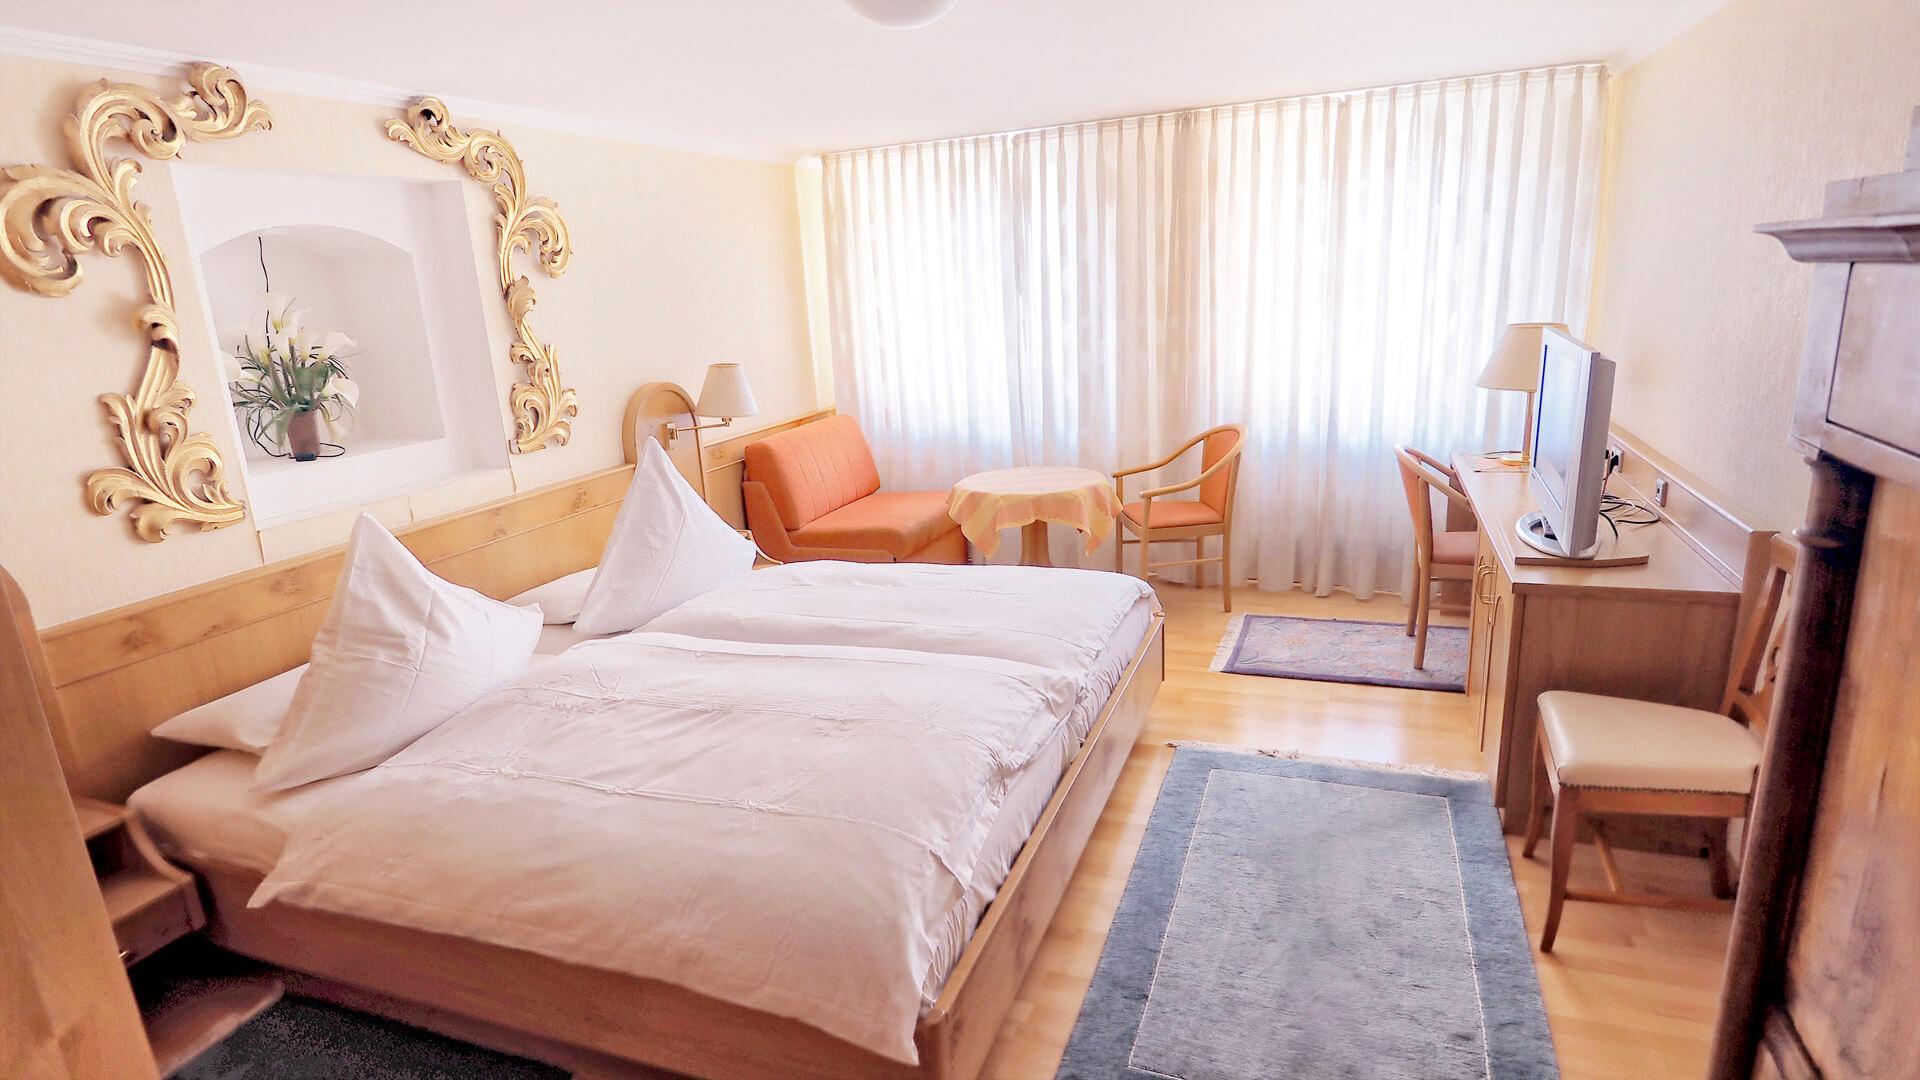 Familienzimmer - Bett mit Sitzecke und Schreibtisch | Hotel-Gasthof Schiff - Horb am Neckar